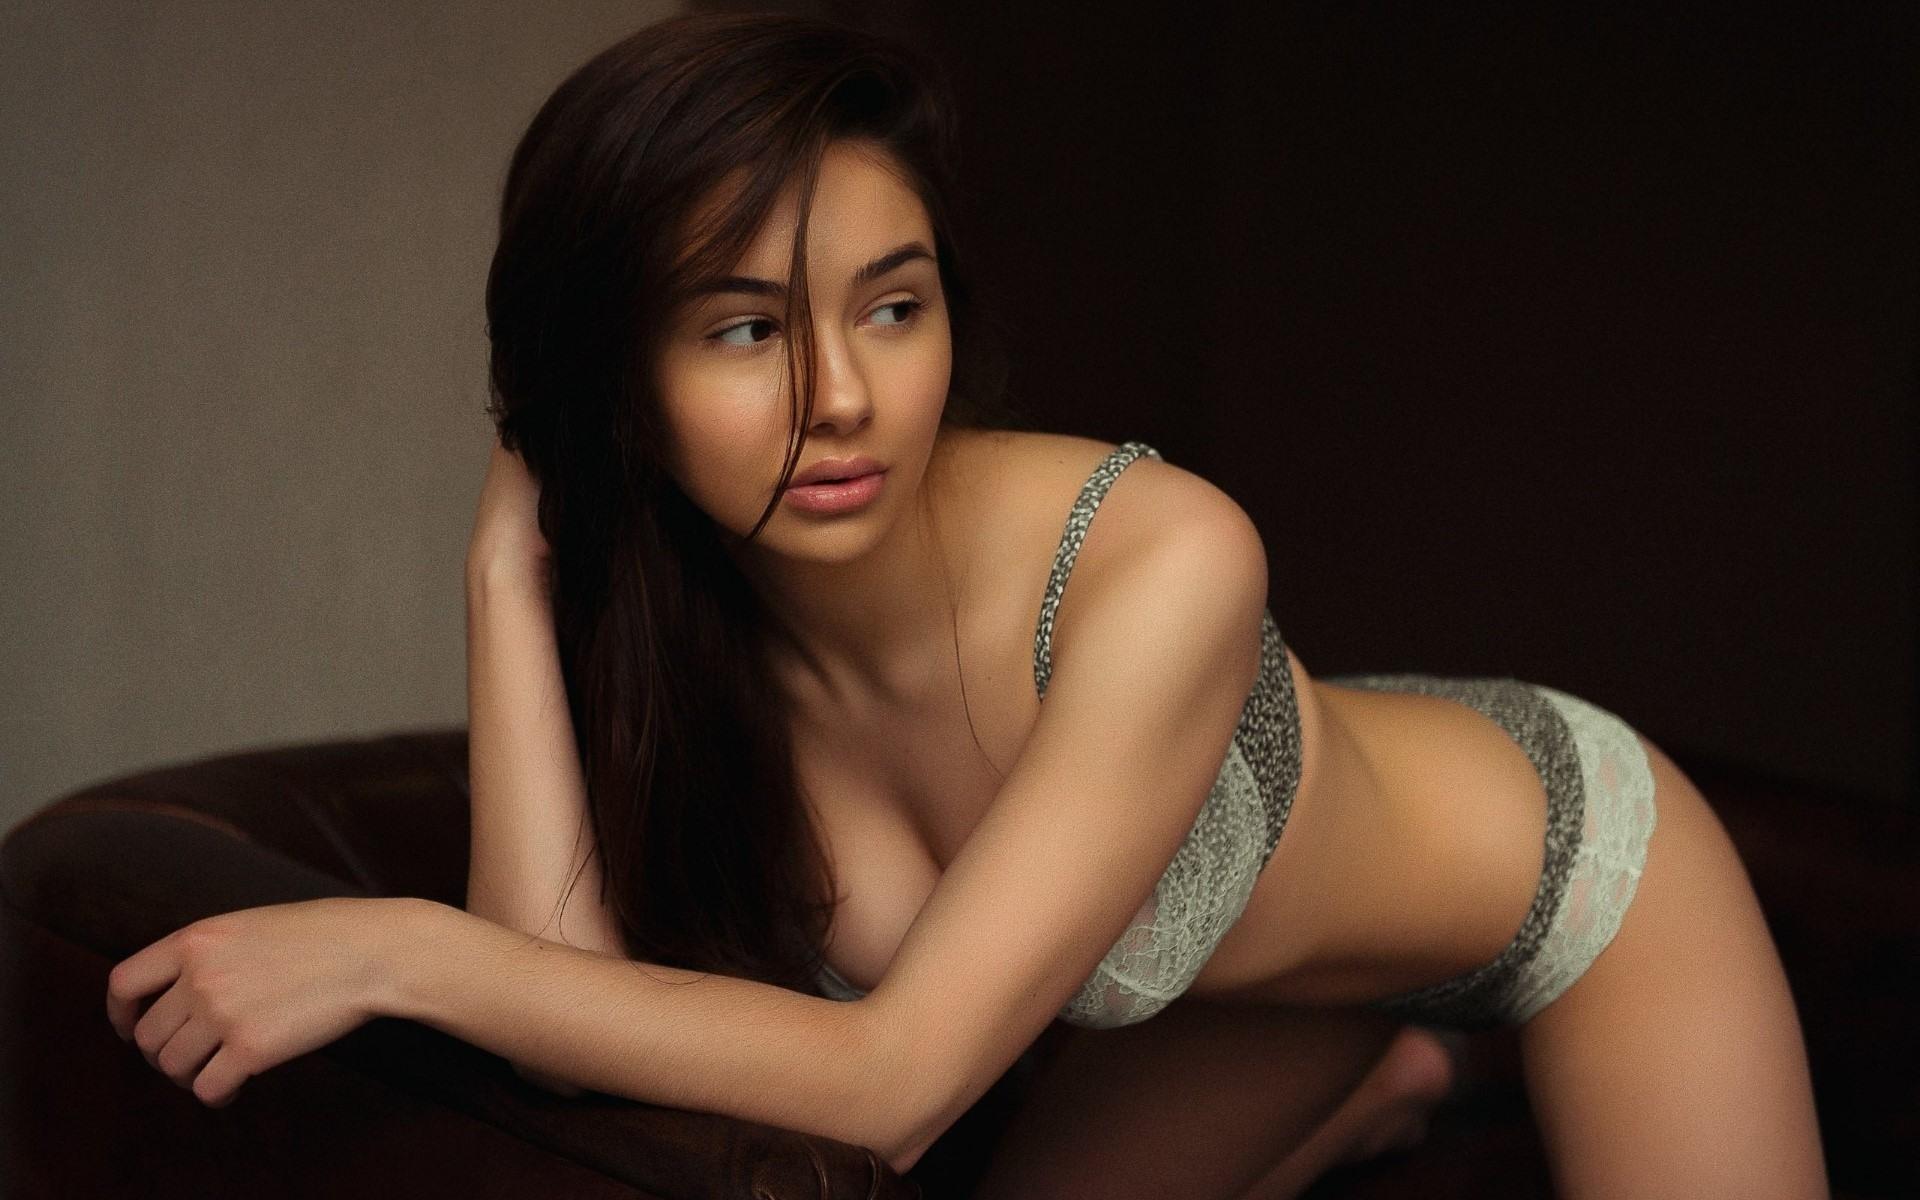 Фото Красивая девушка в светлом нижнем белье наклонилась над креслом, сладкие губки, скачать картинку бесплатно